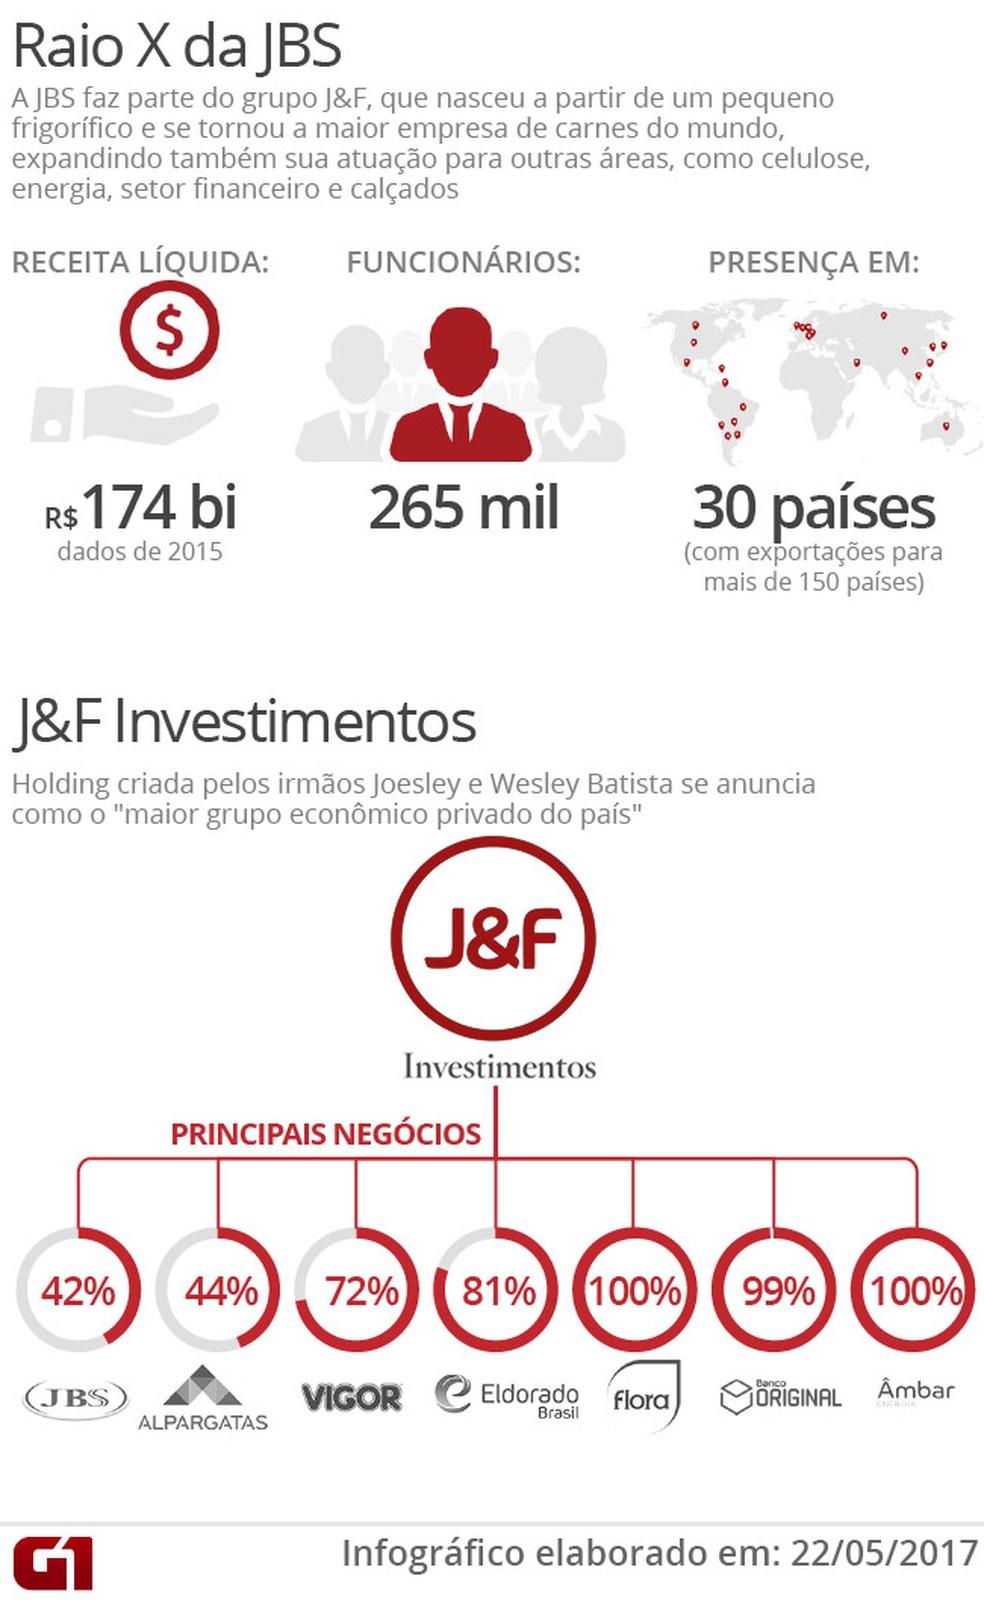 Raio X da JBS (Foto: Arte/G1)